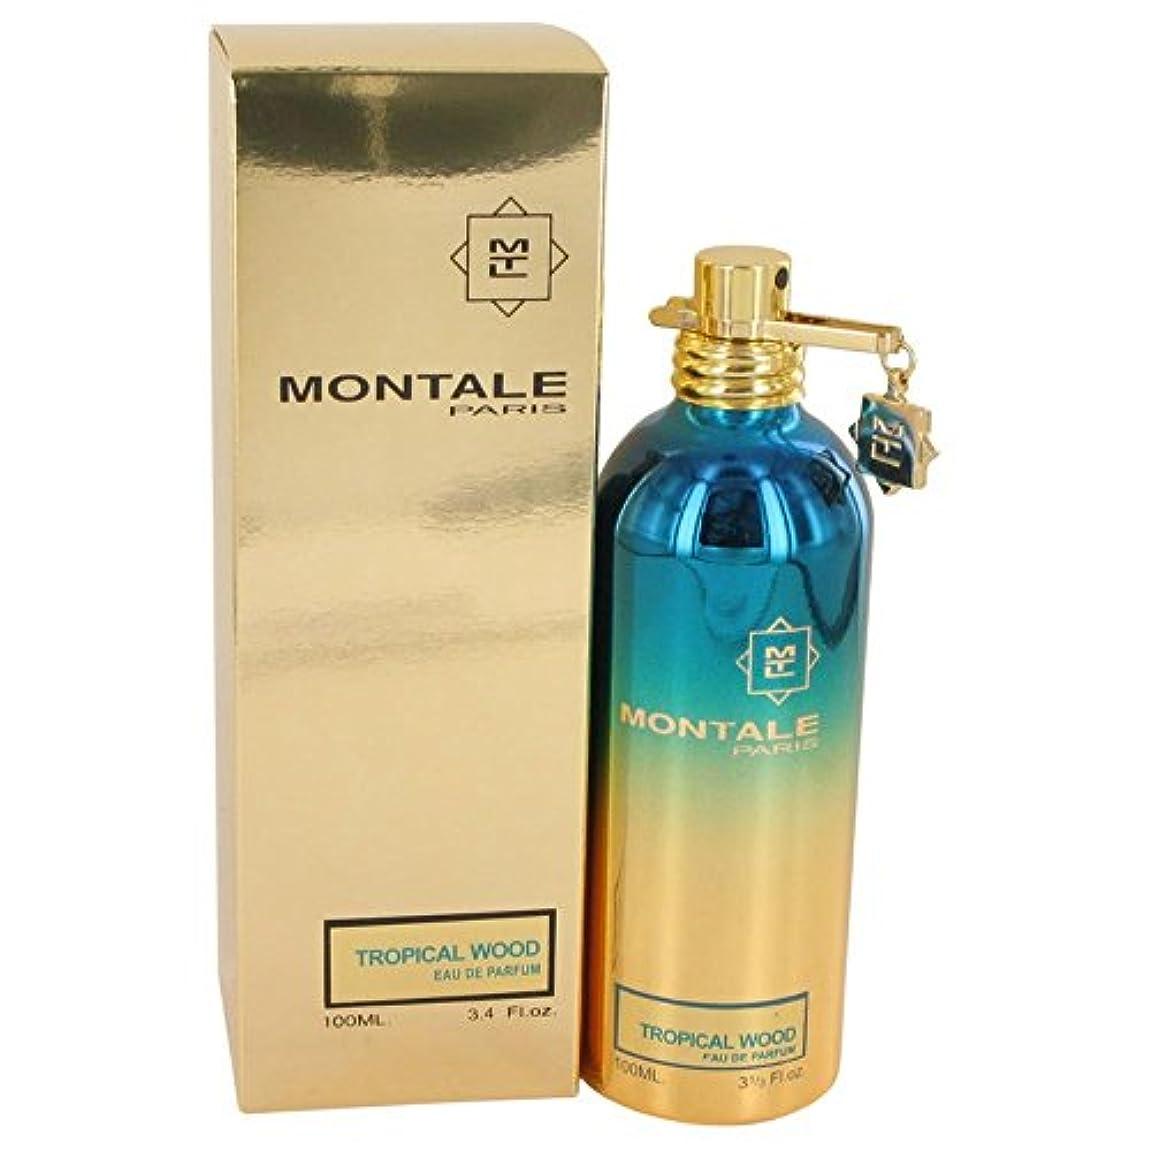 ボックス警察荒れ地Montale Tropical Wood 100ml/3.4oz Eau De Parfum Spray Unisex Perfume Fragrance